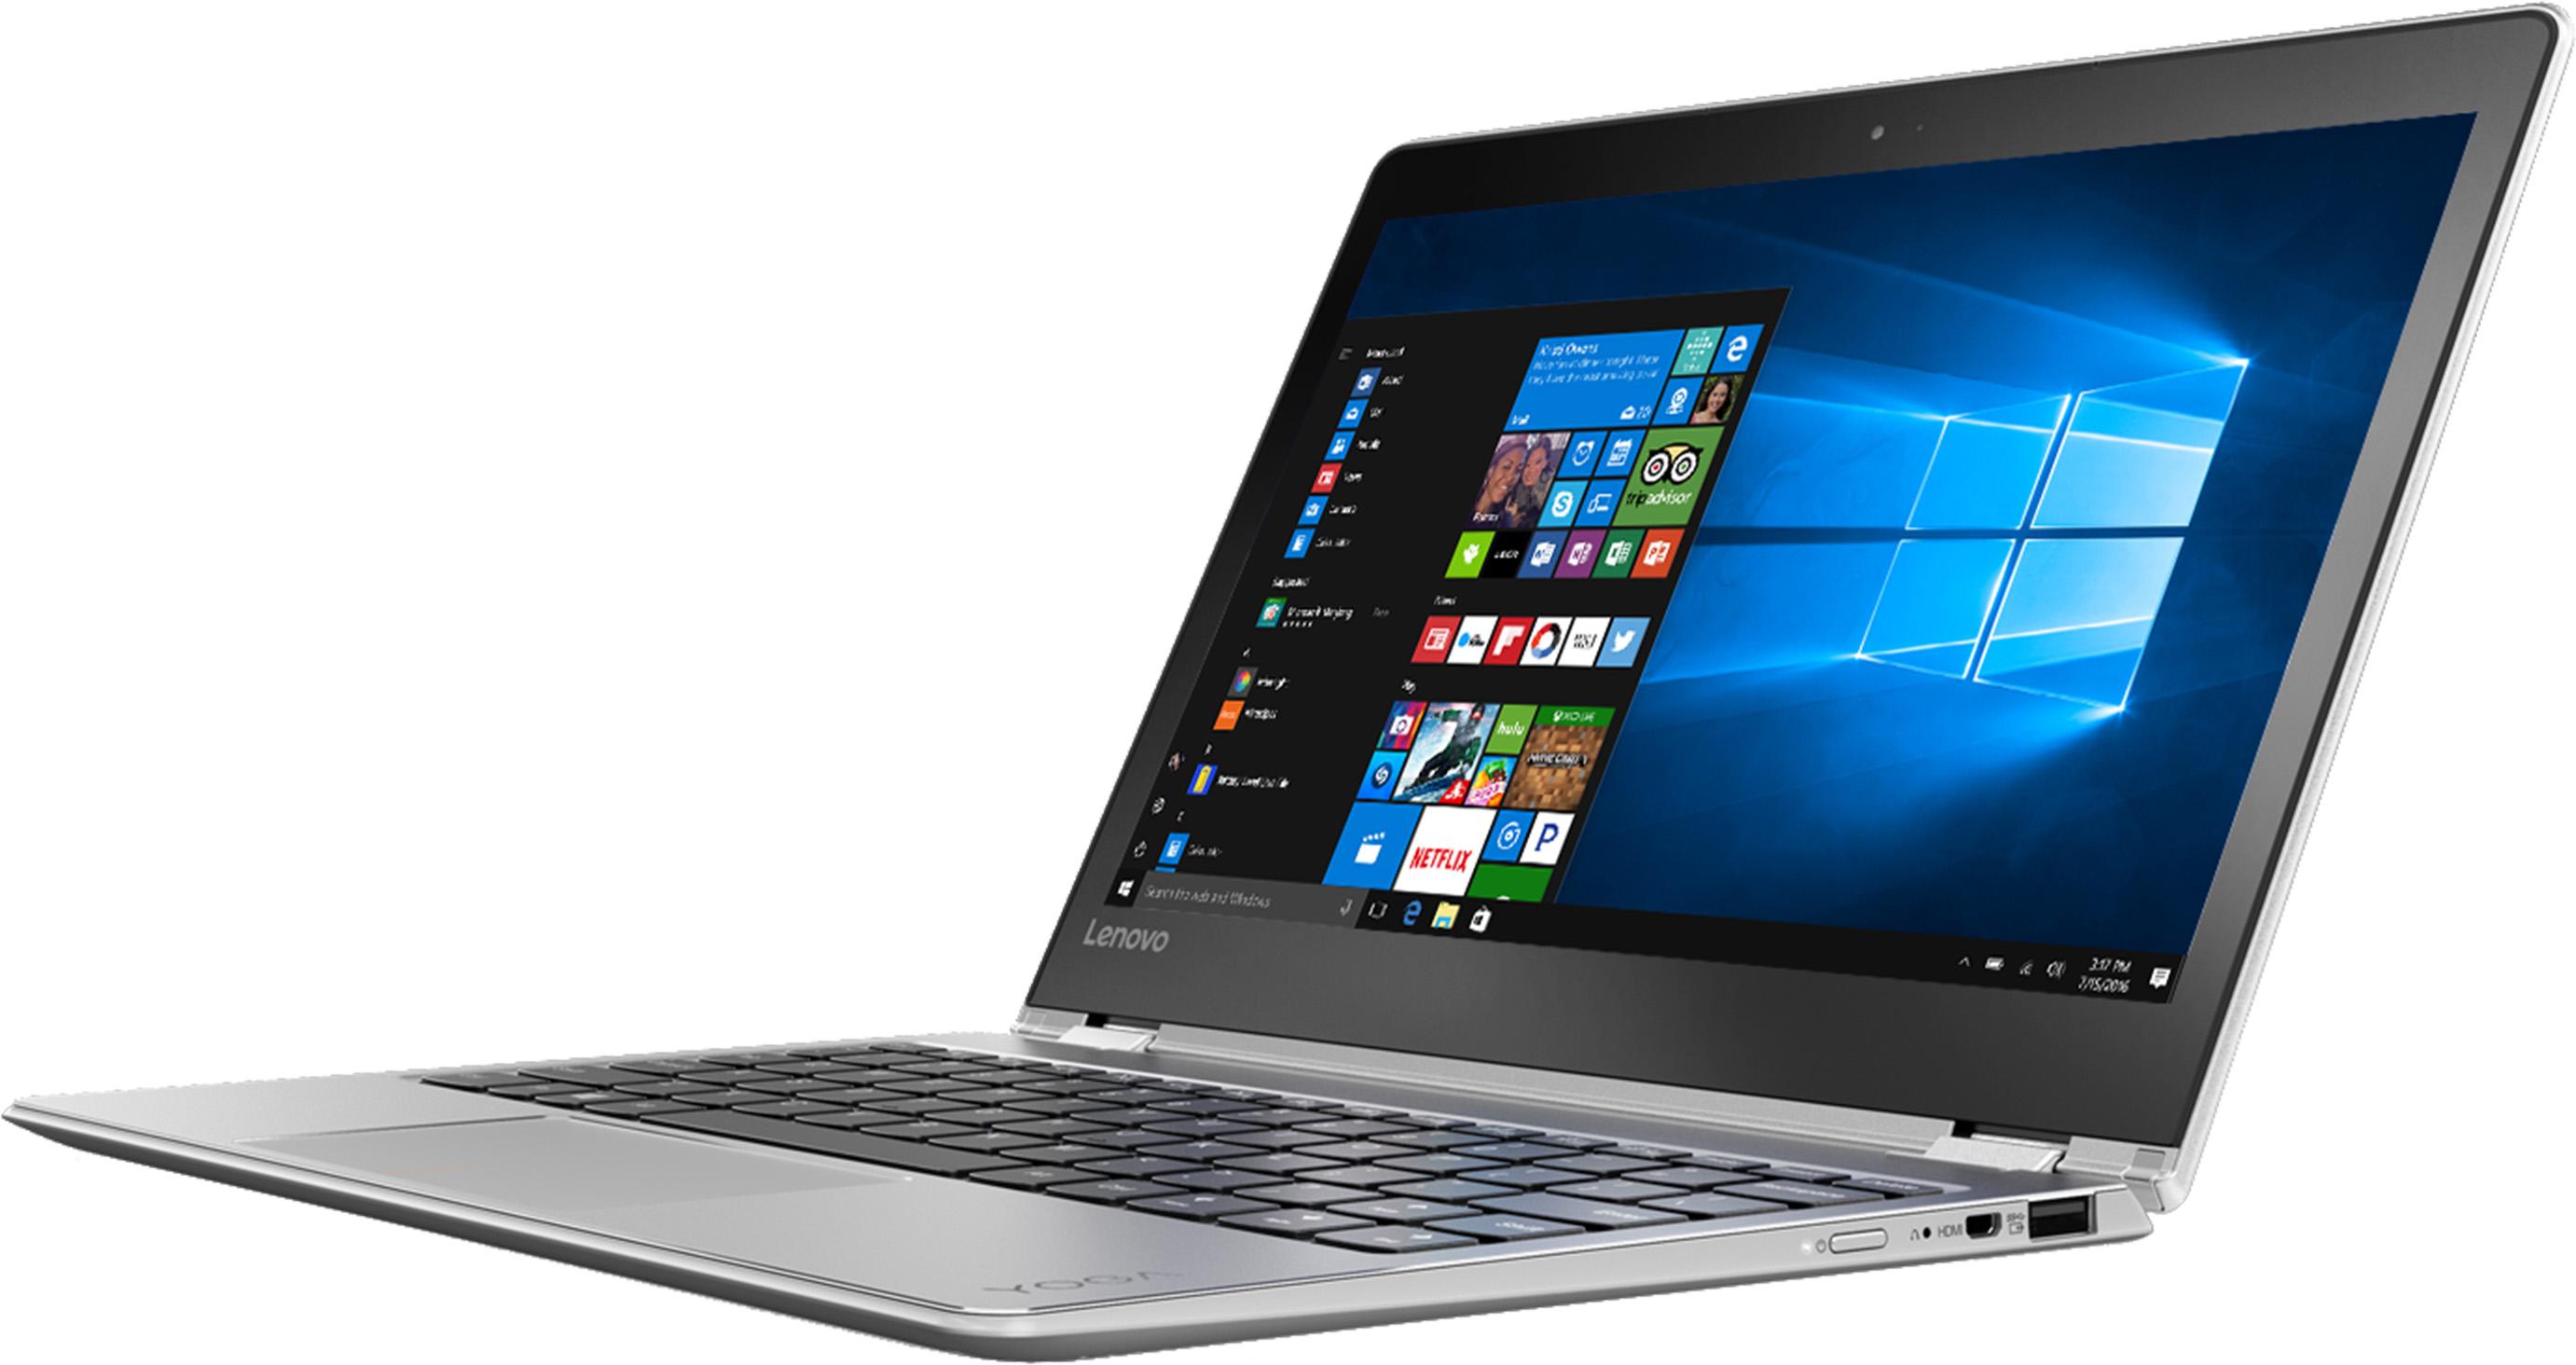 Lenovo Yoga 710-11IKB 2 in 1 PC